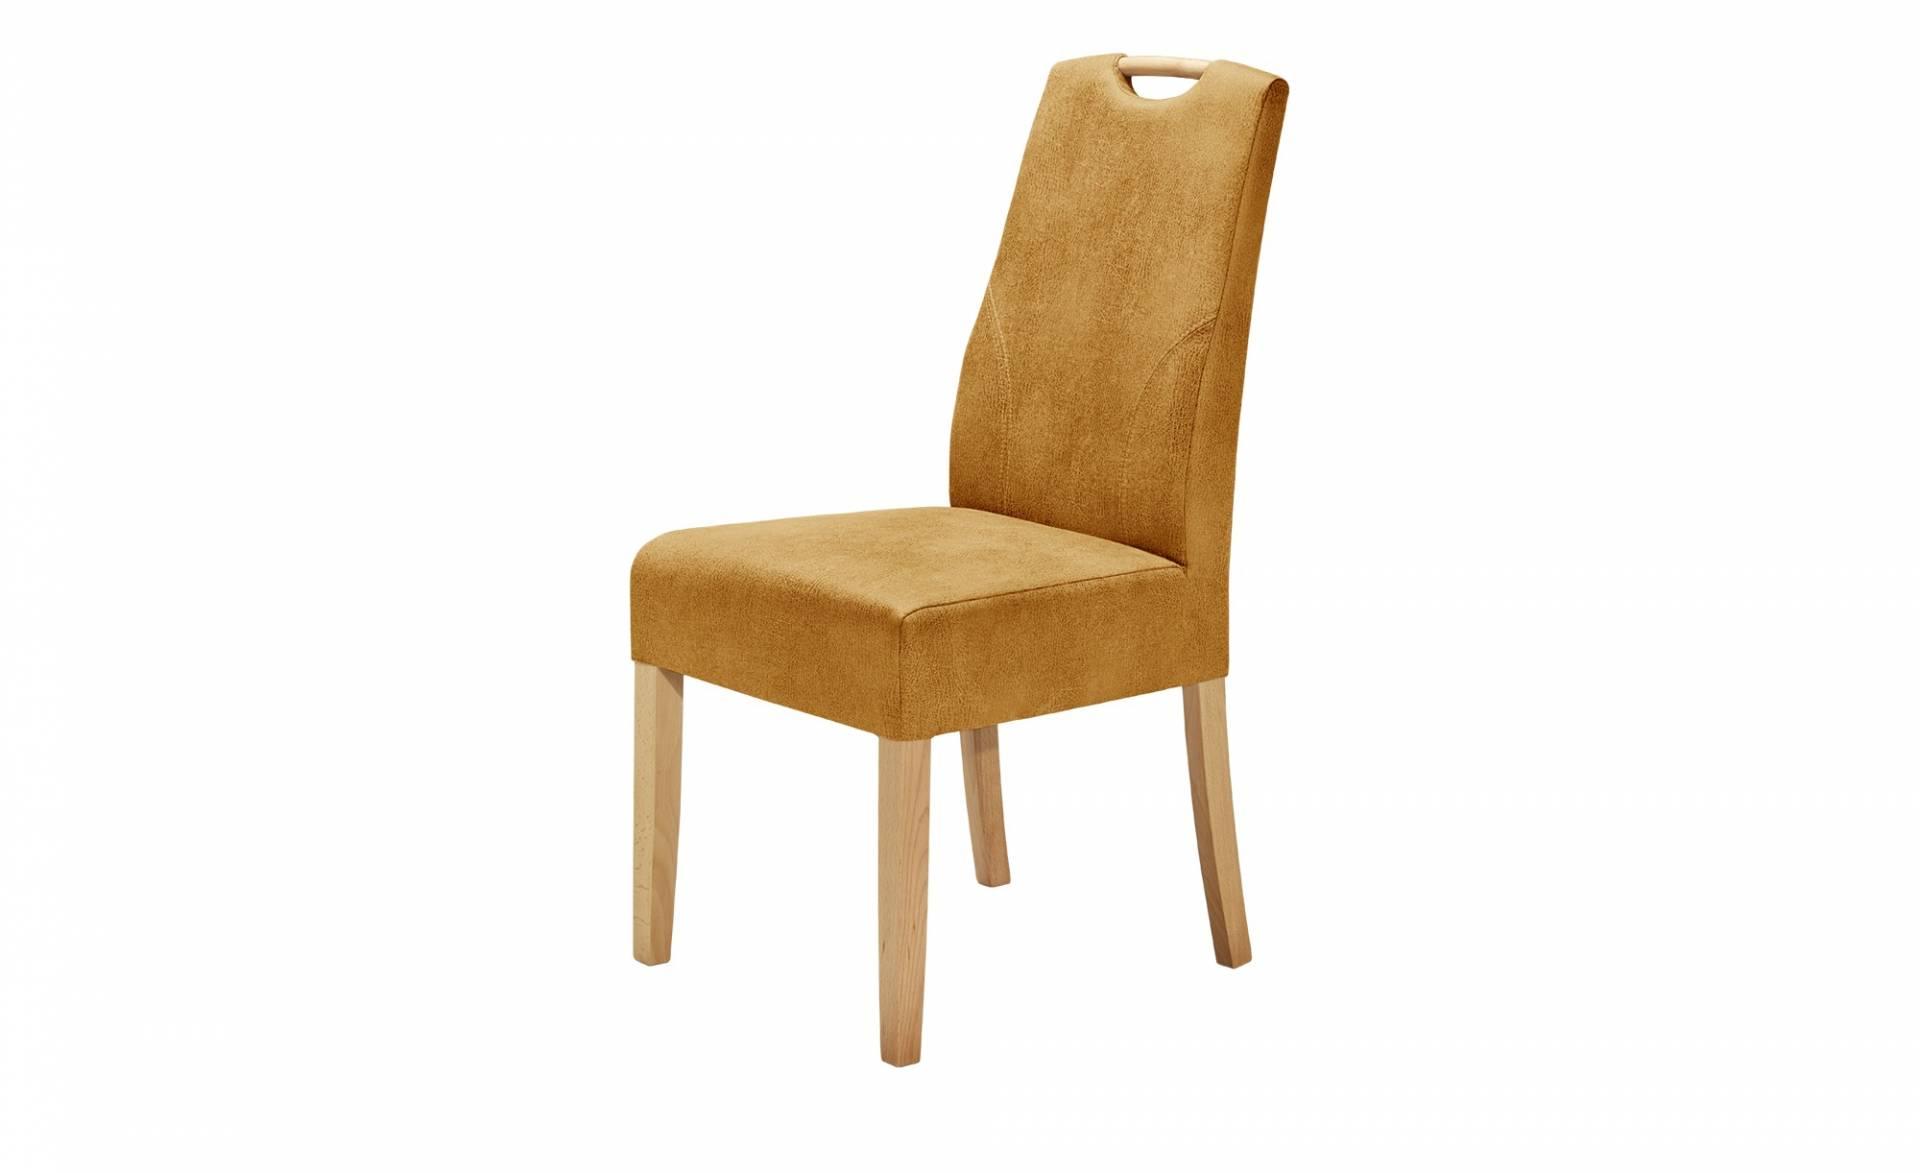 Gelb | Stühle und weitere Möbel. Günstig online kaufen bei